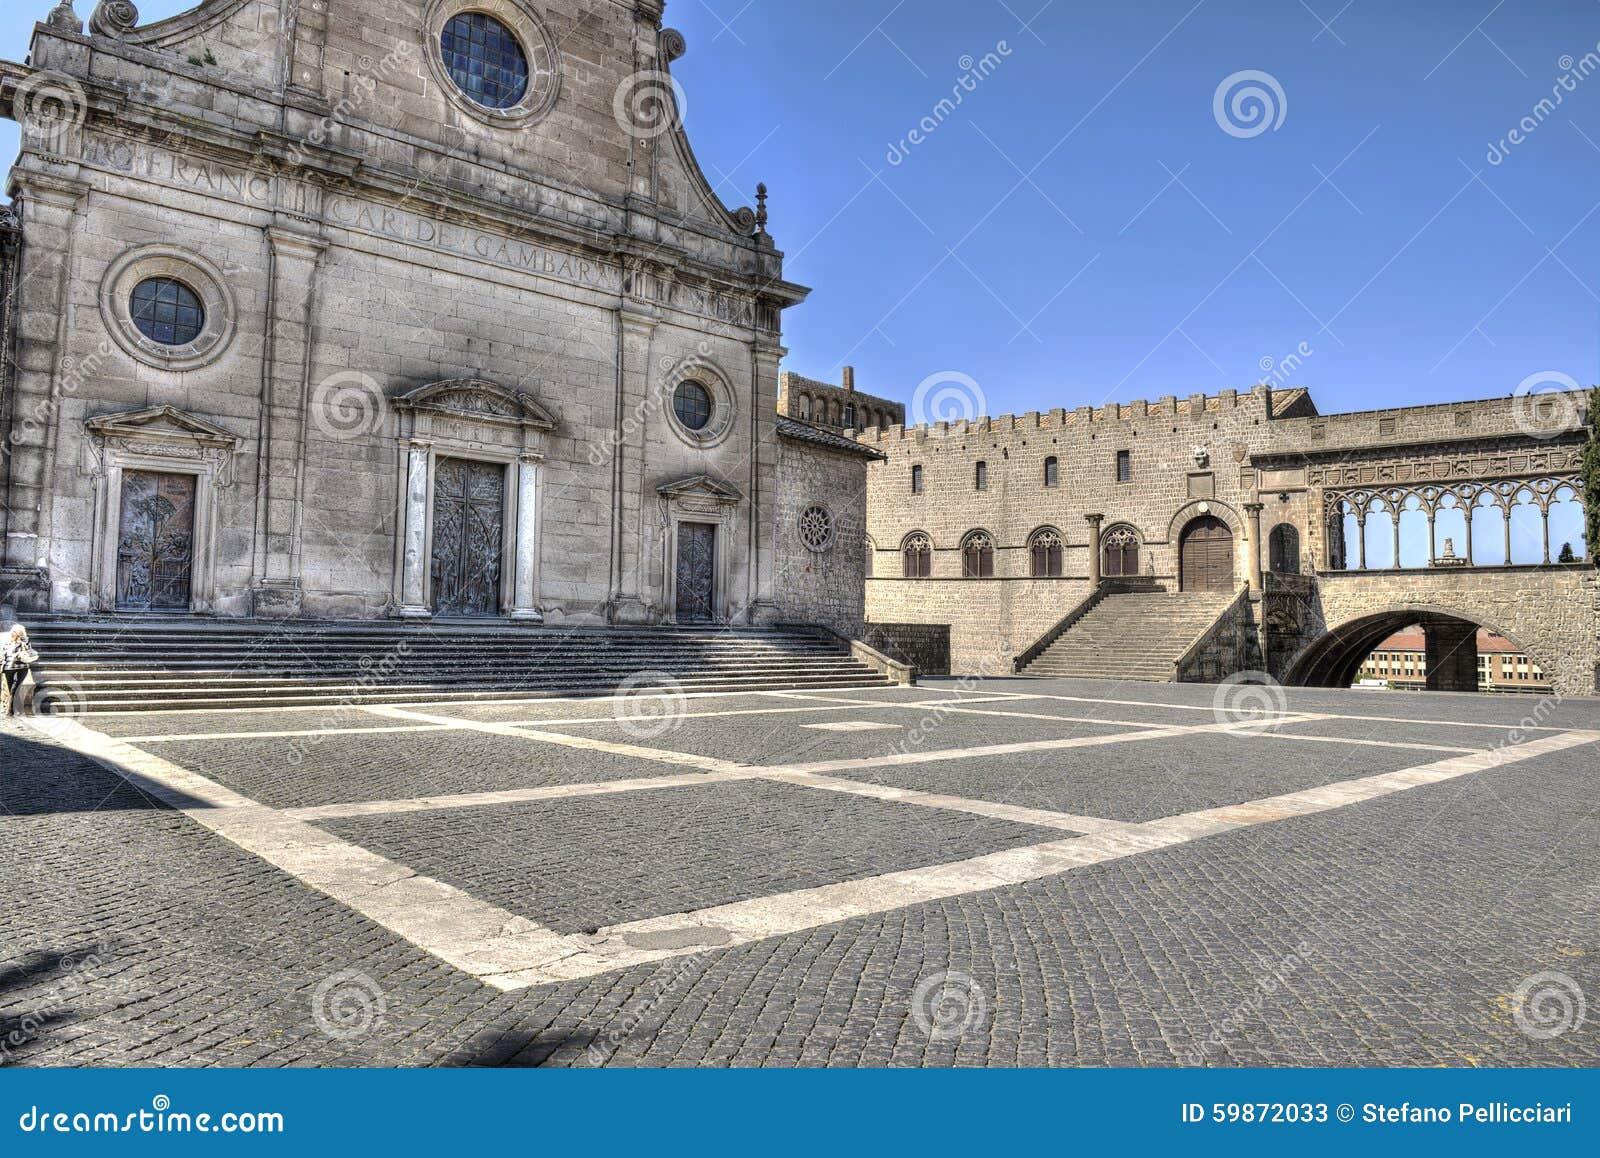 Cattedrale Saint Lawrence della piazza di Viterbo e palazzo papale